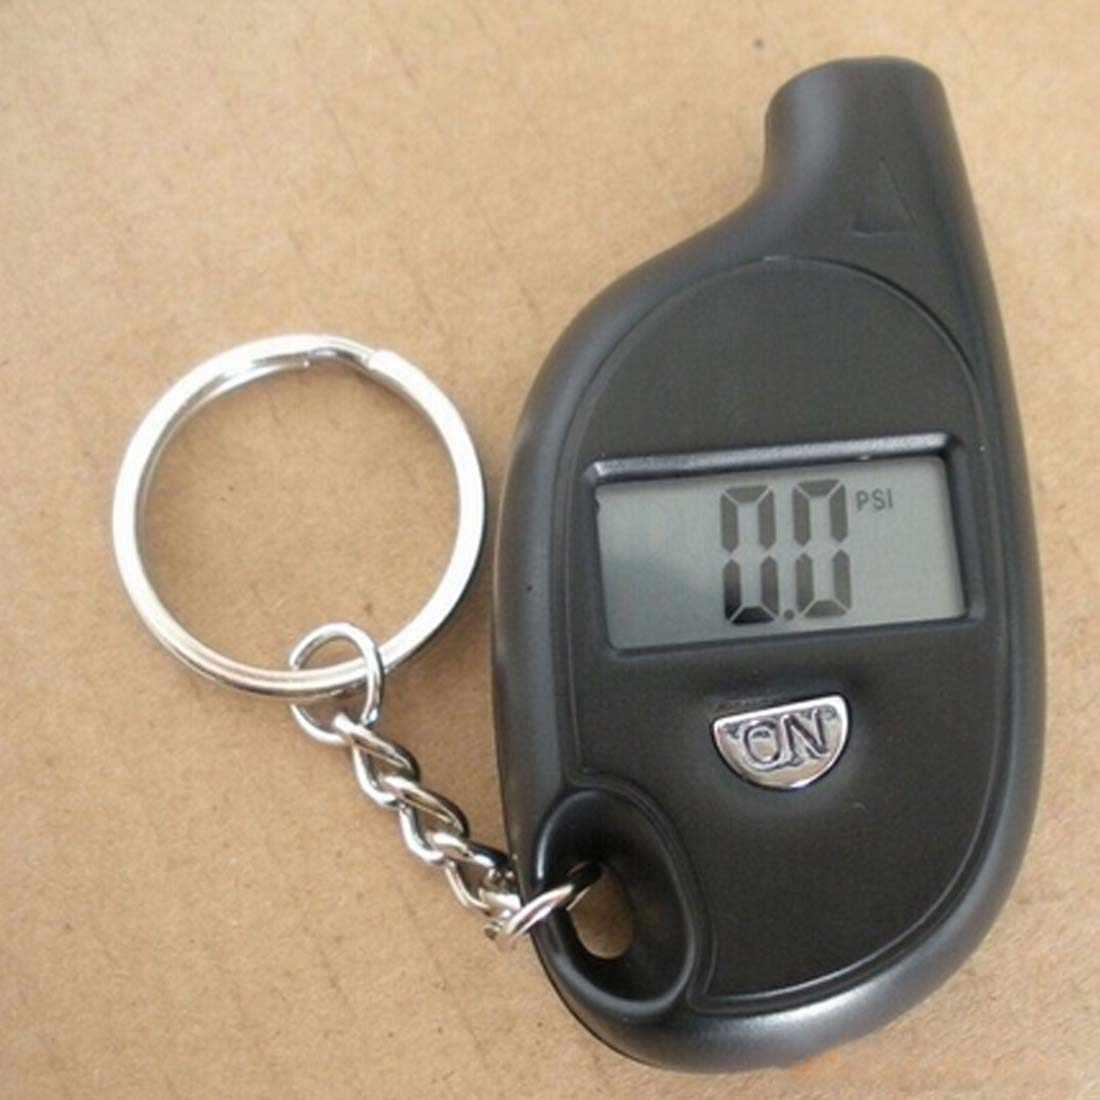 Màn Hình LCD Kỹ Thuật Số Tự Động Bánh Lốp Xe Móc Khóa Đồng Hồ Đo Áp Lực Khí Đo Kiểm Tra Mini Lốp Bút Thử Cho Xe Ô Tô Xe Máy